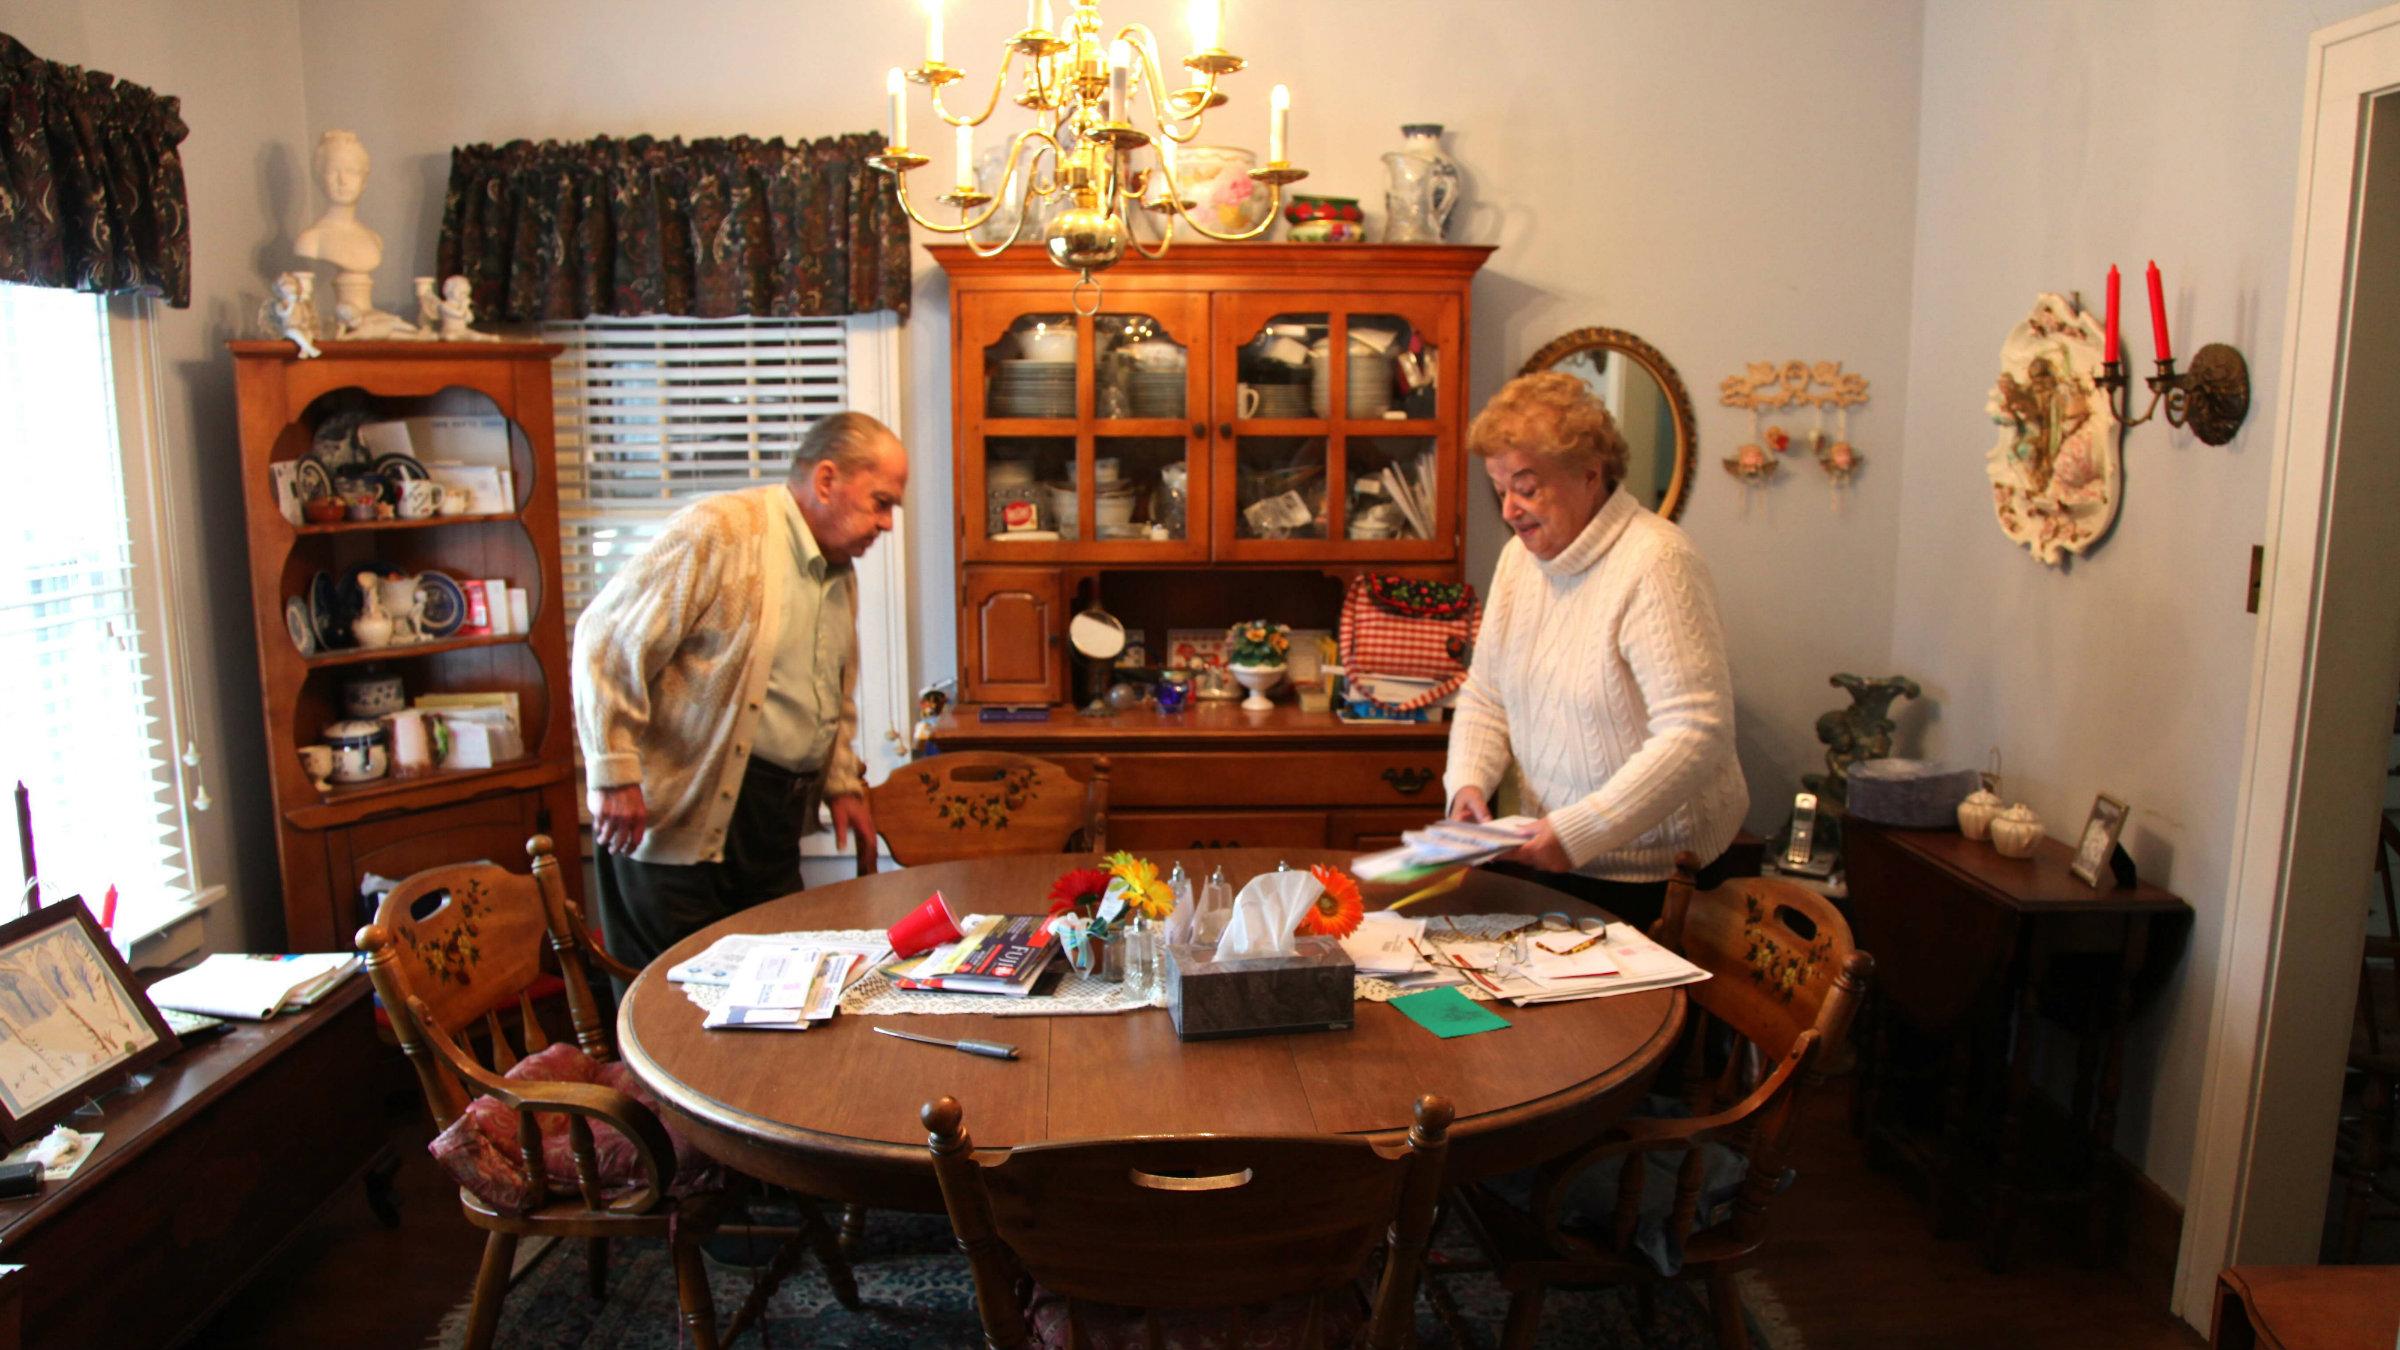 US retirees